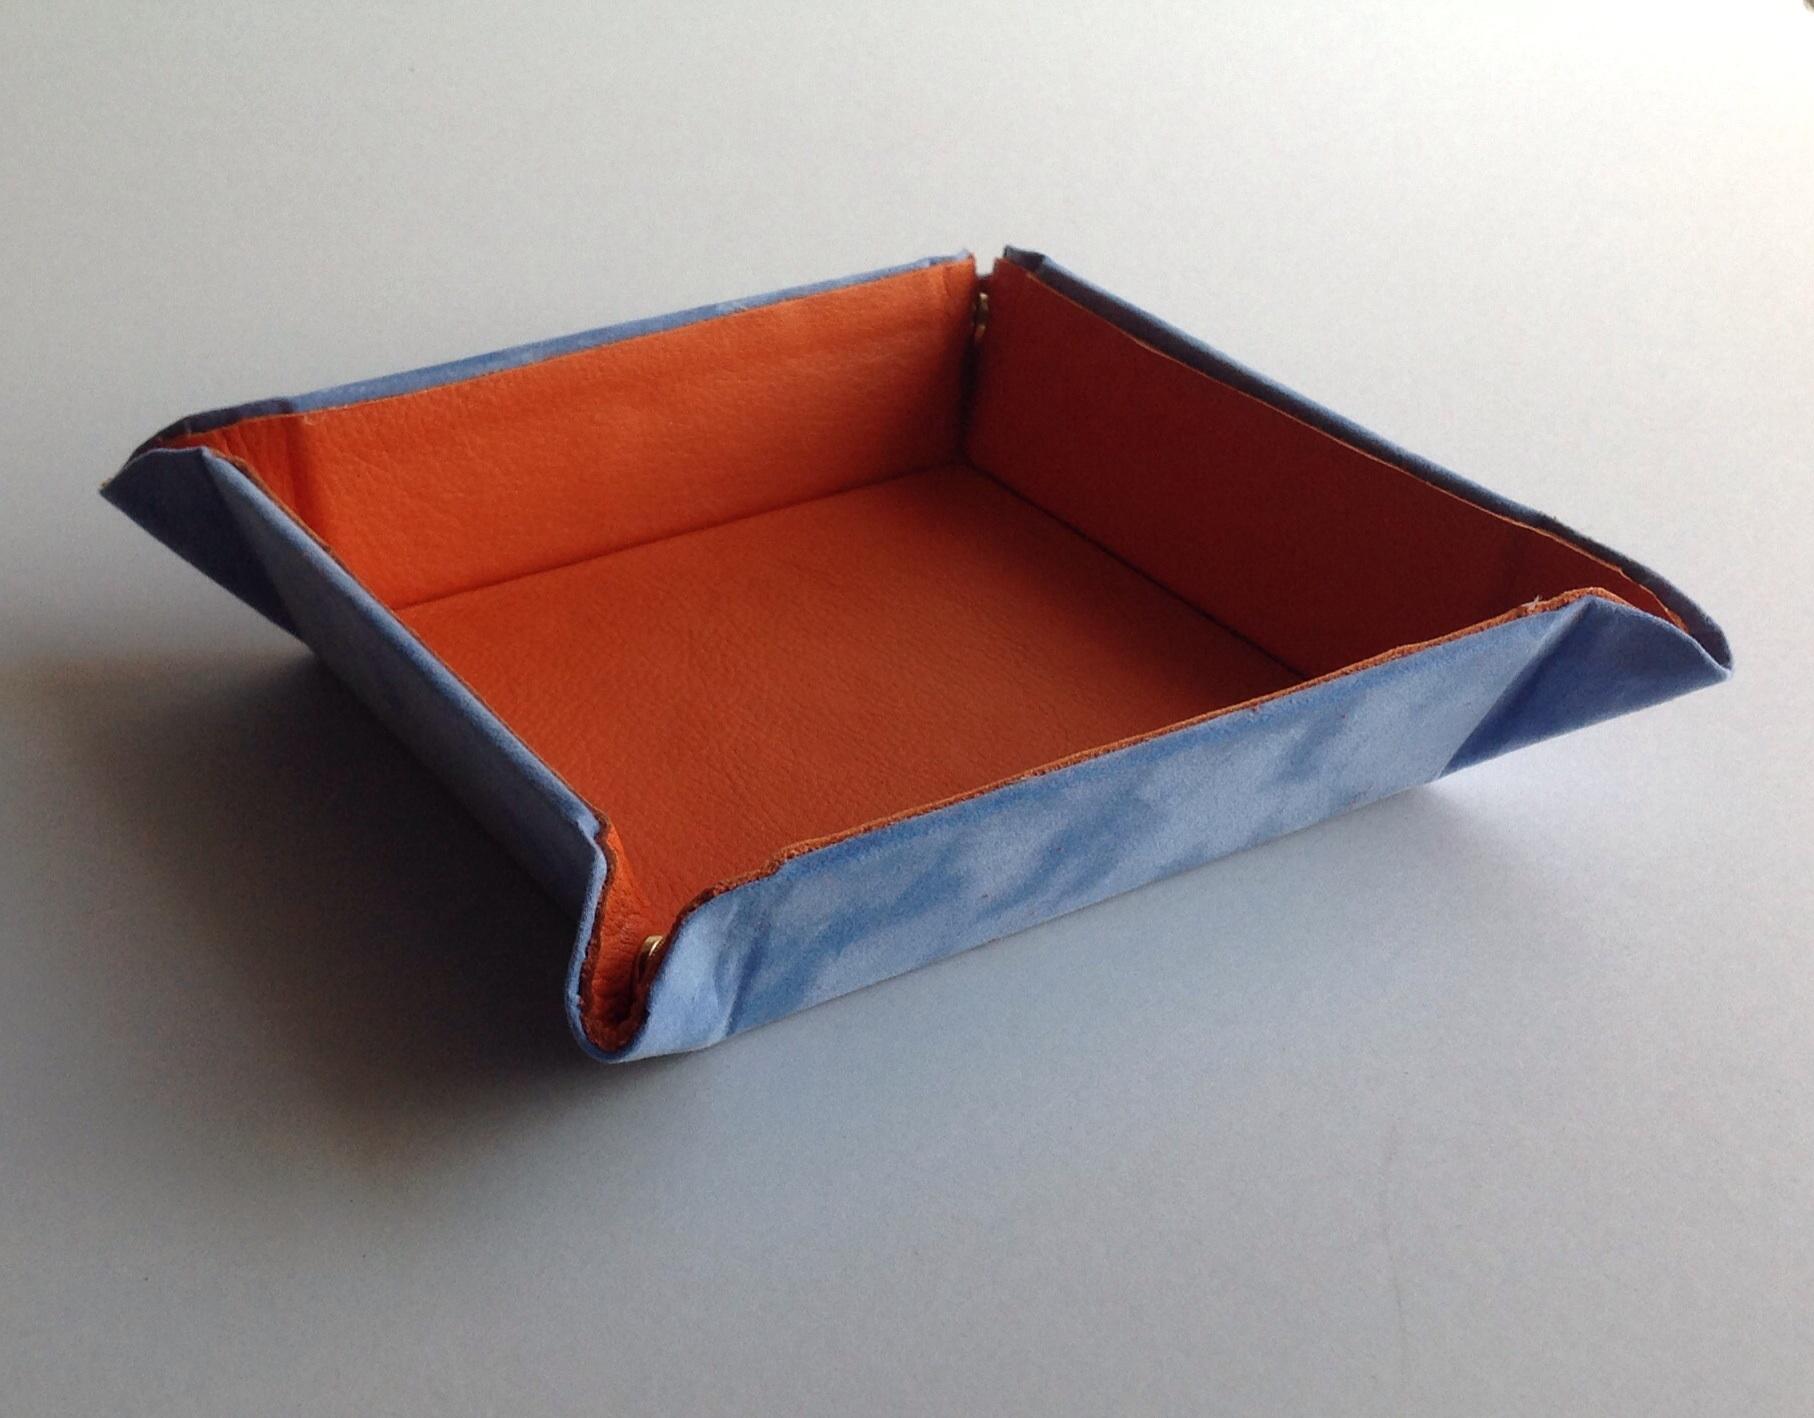 snap tray